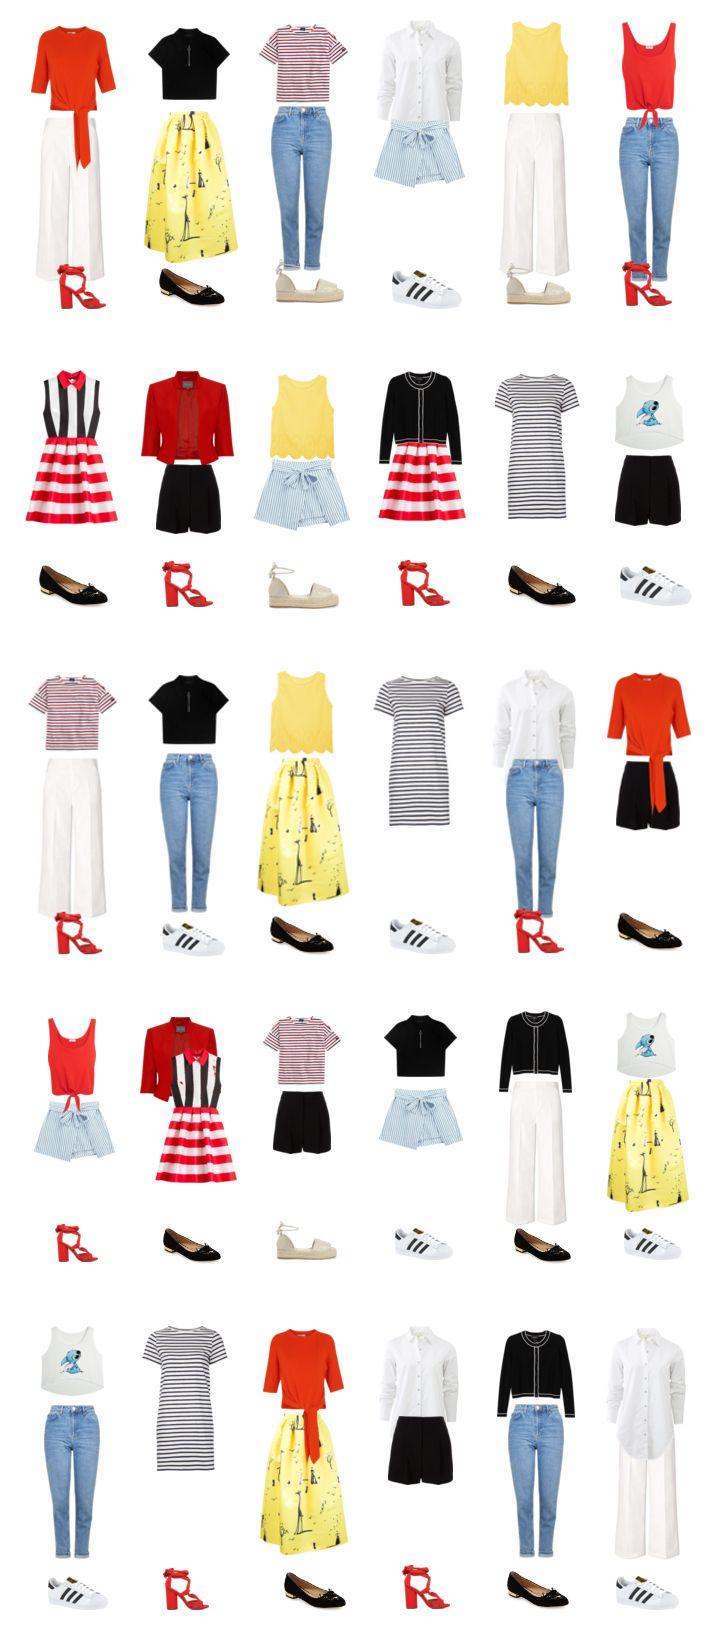 В этой статье я покажу вам, как составить капсульный гардероб на лето, который подойдет и для отдыха, и для работы. Вам понадобится всего лишь...